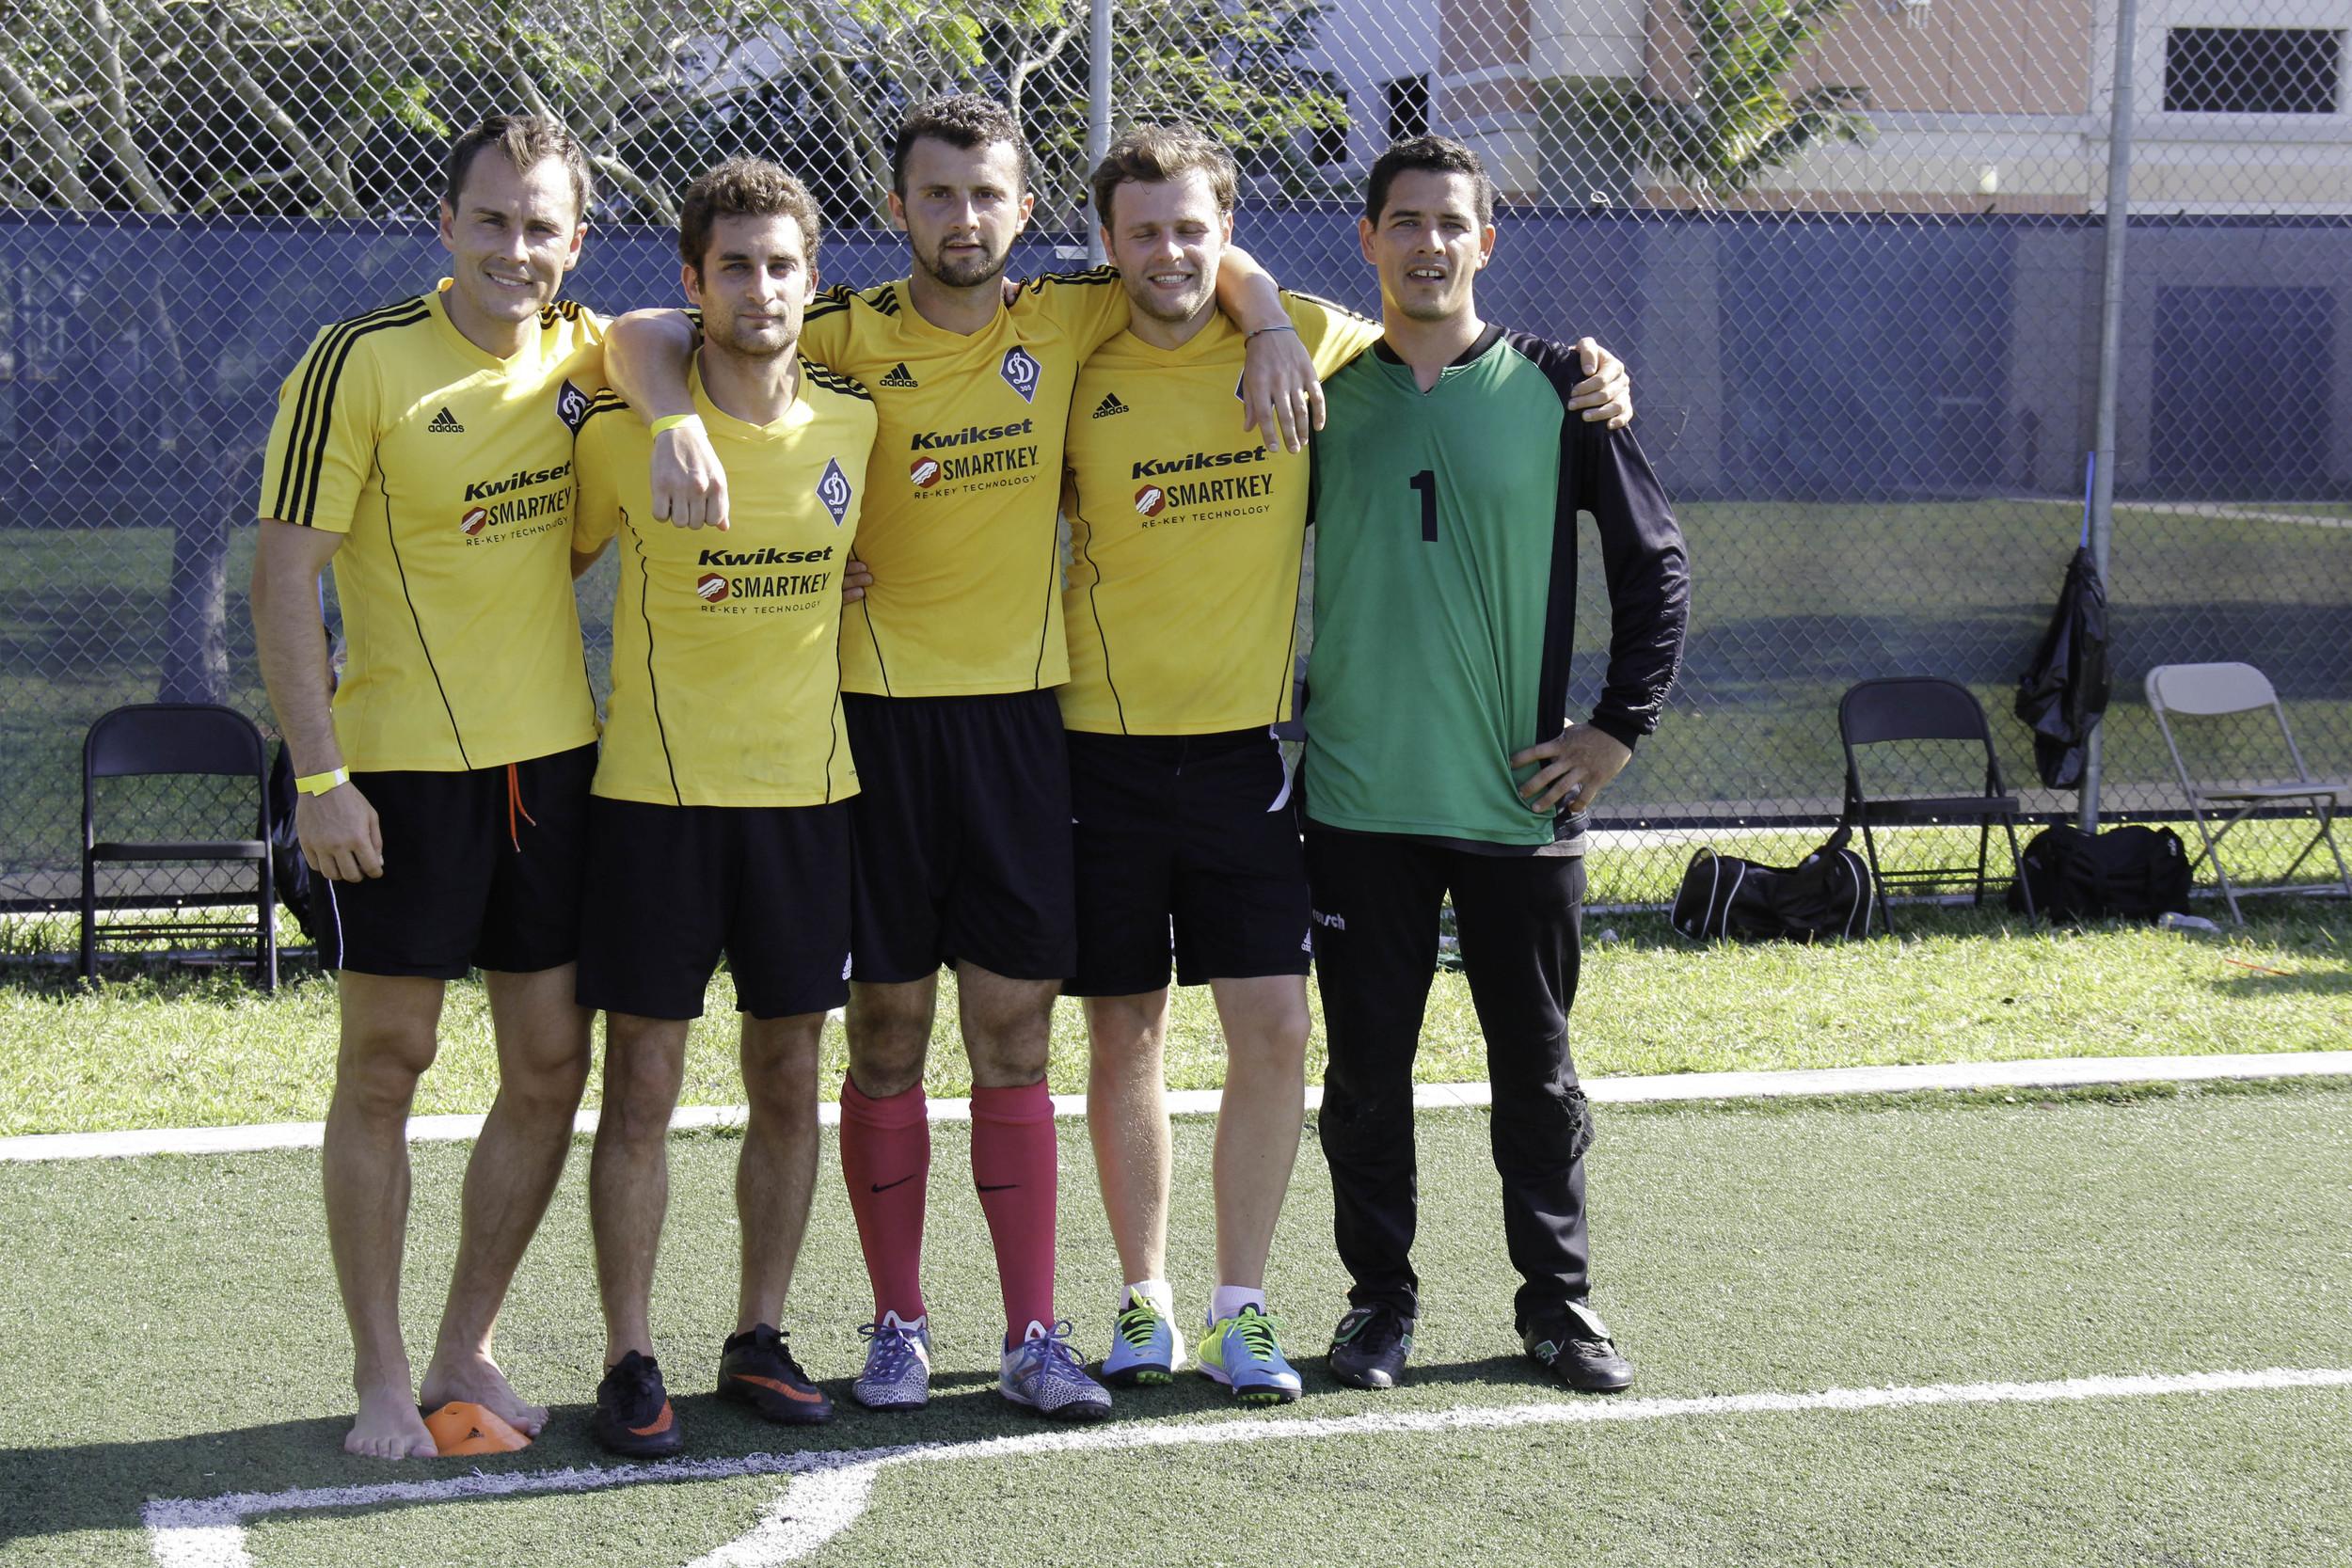 soccer4autisim (246 of 354).jpg